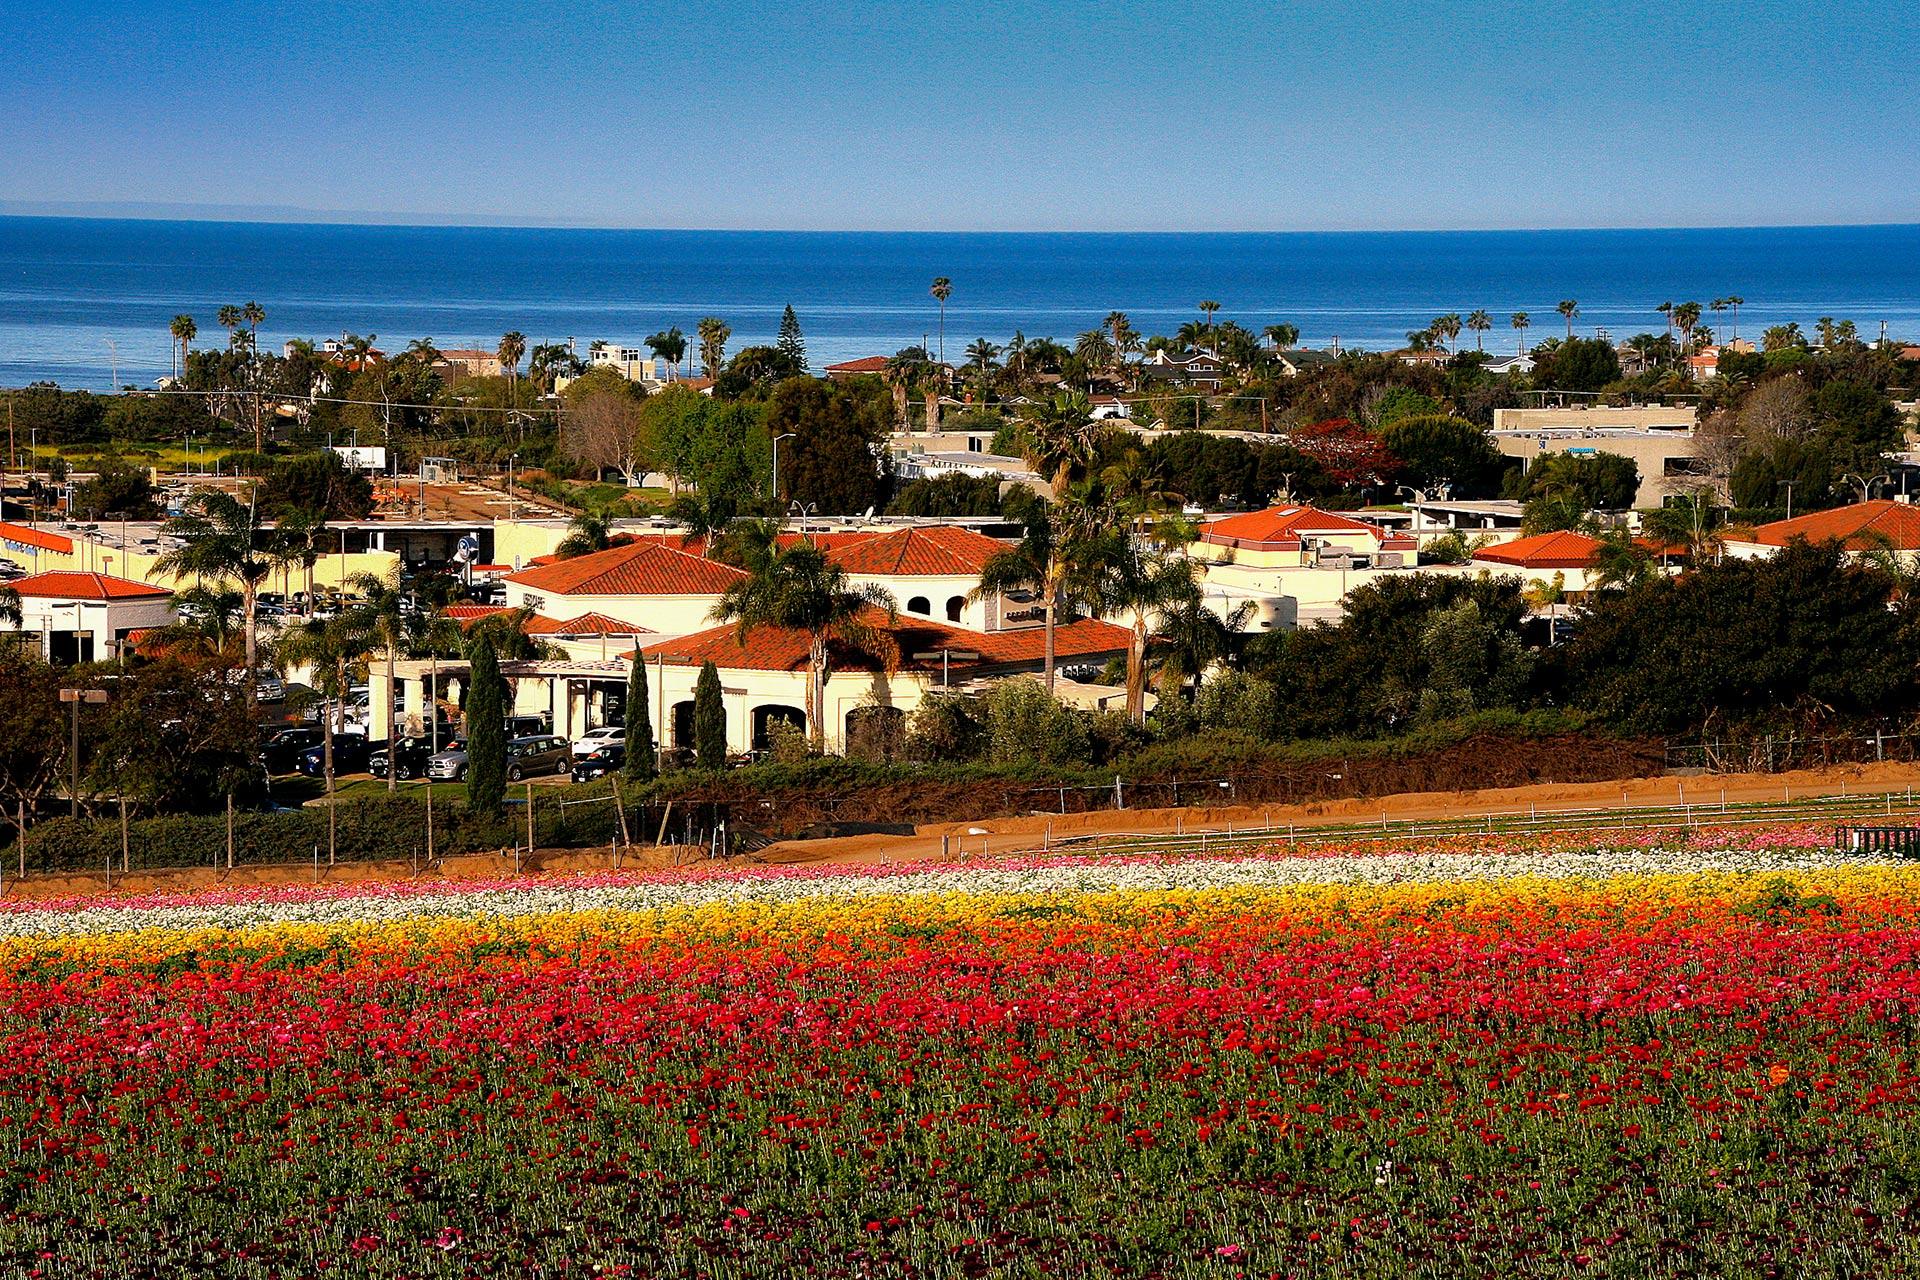 Flower fields in Carlsbad, California